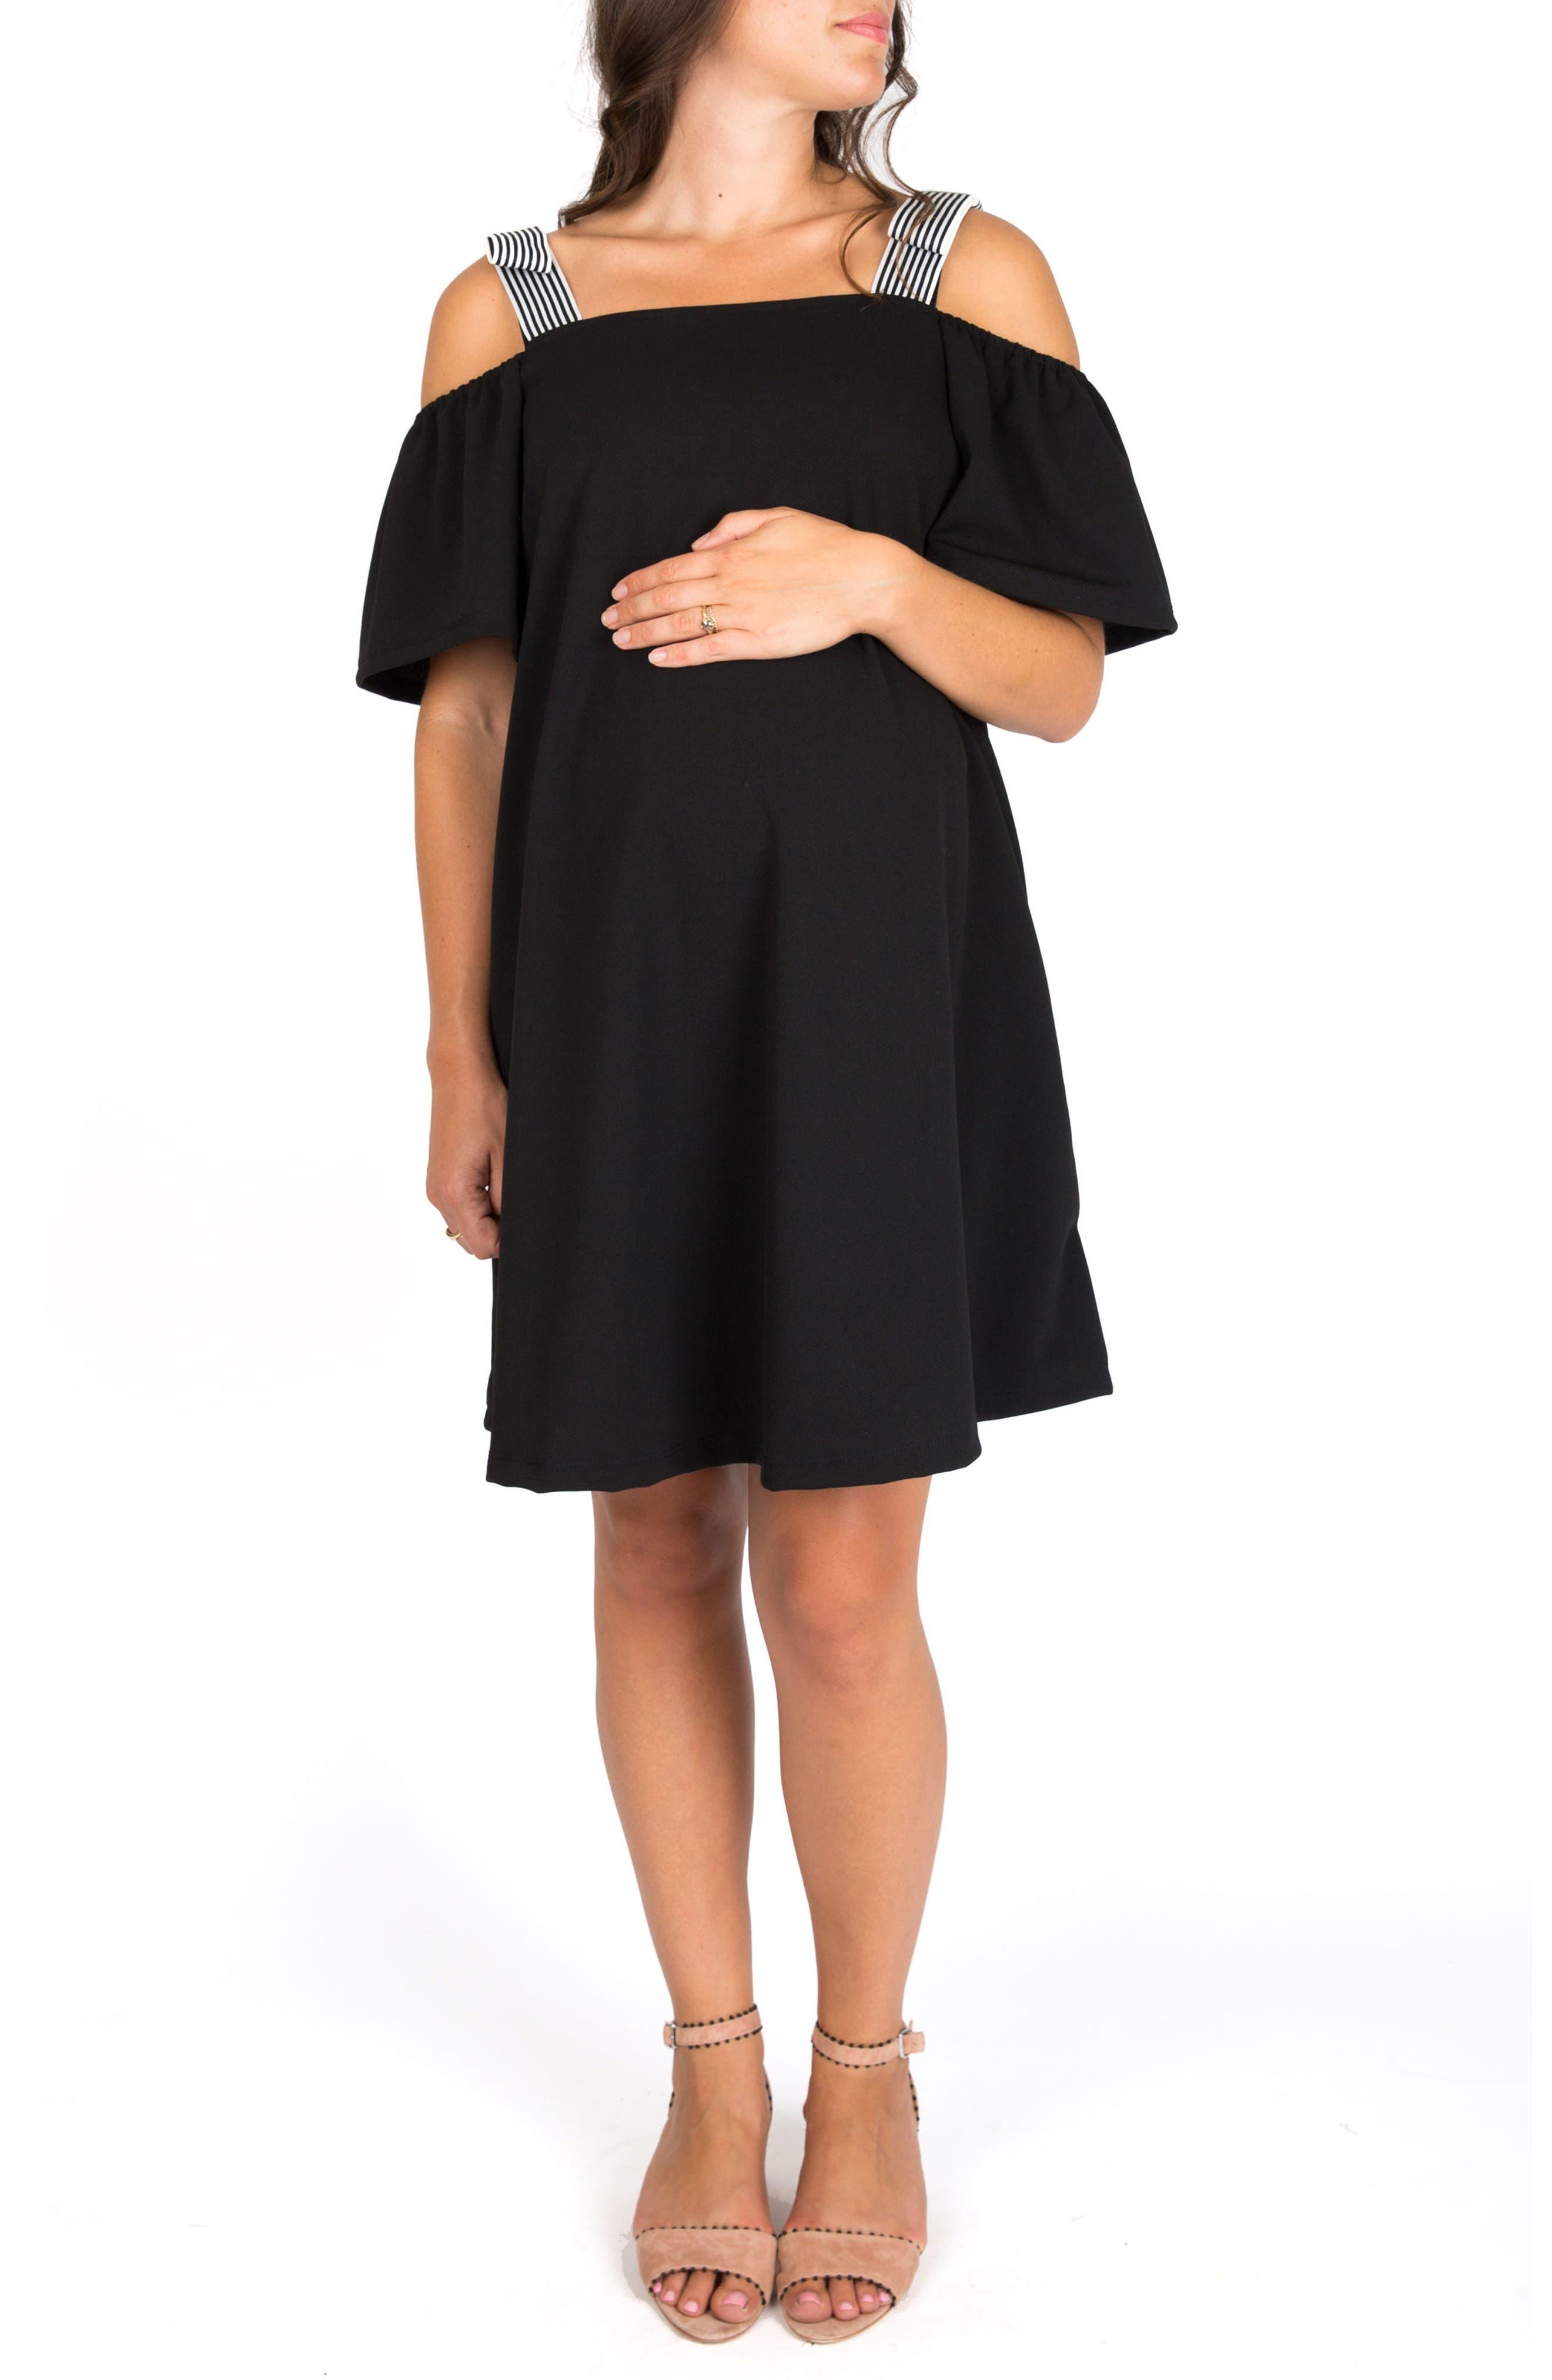 Nom Maternity Millie Off The Shoulder Maternity Dress, Black